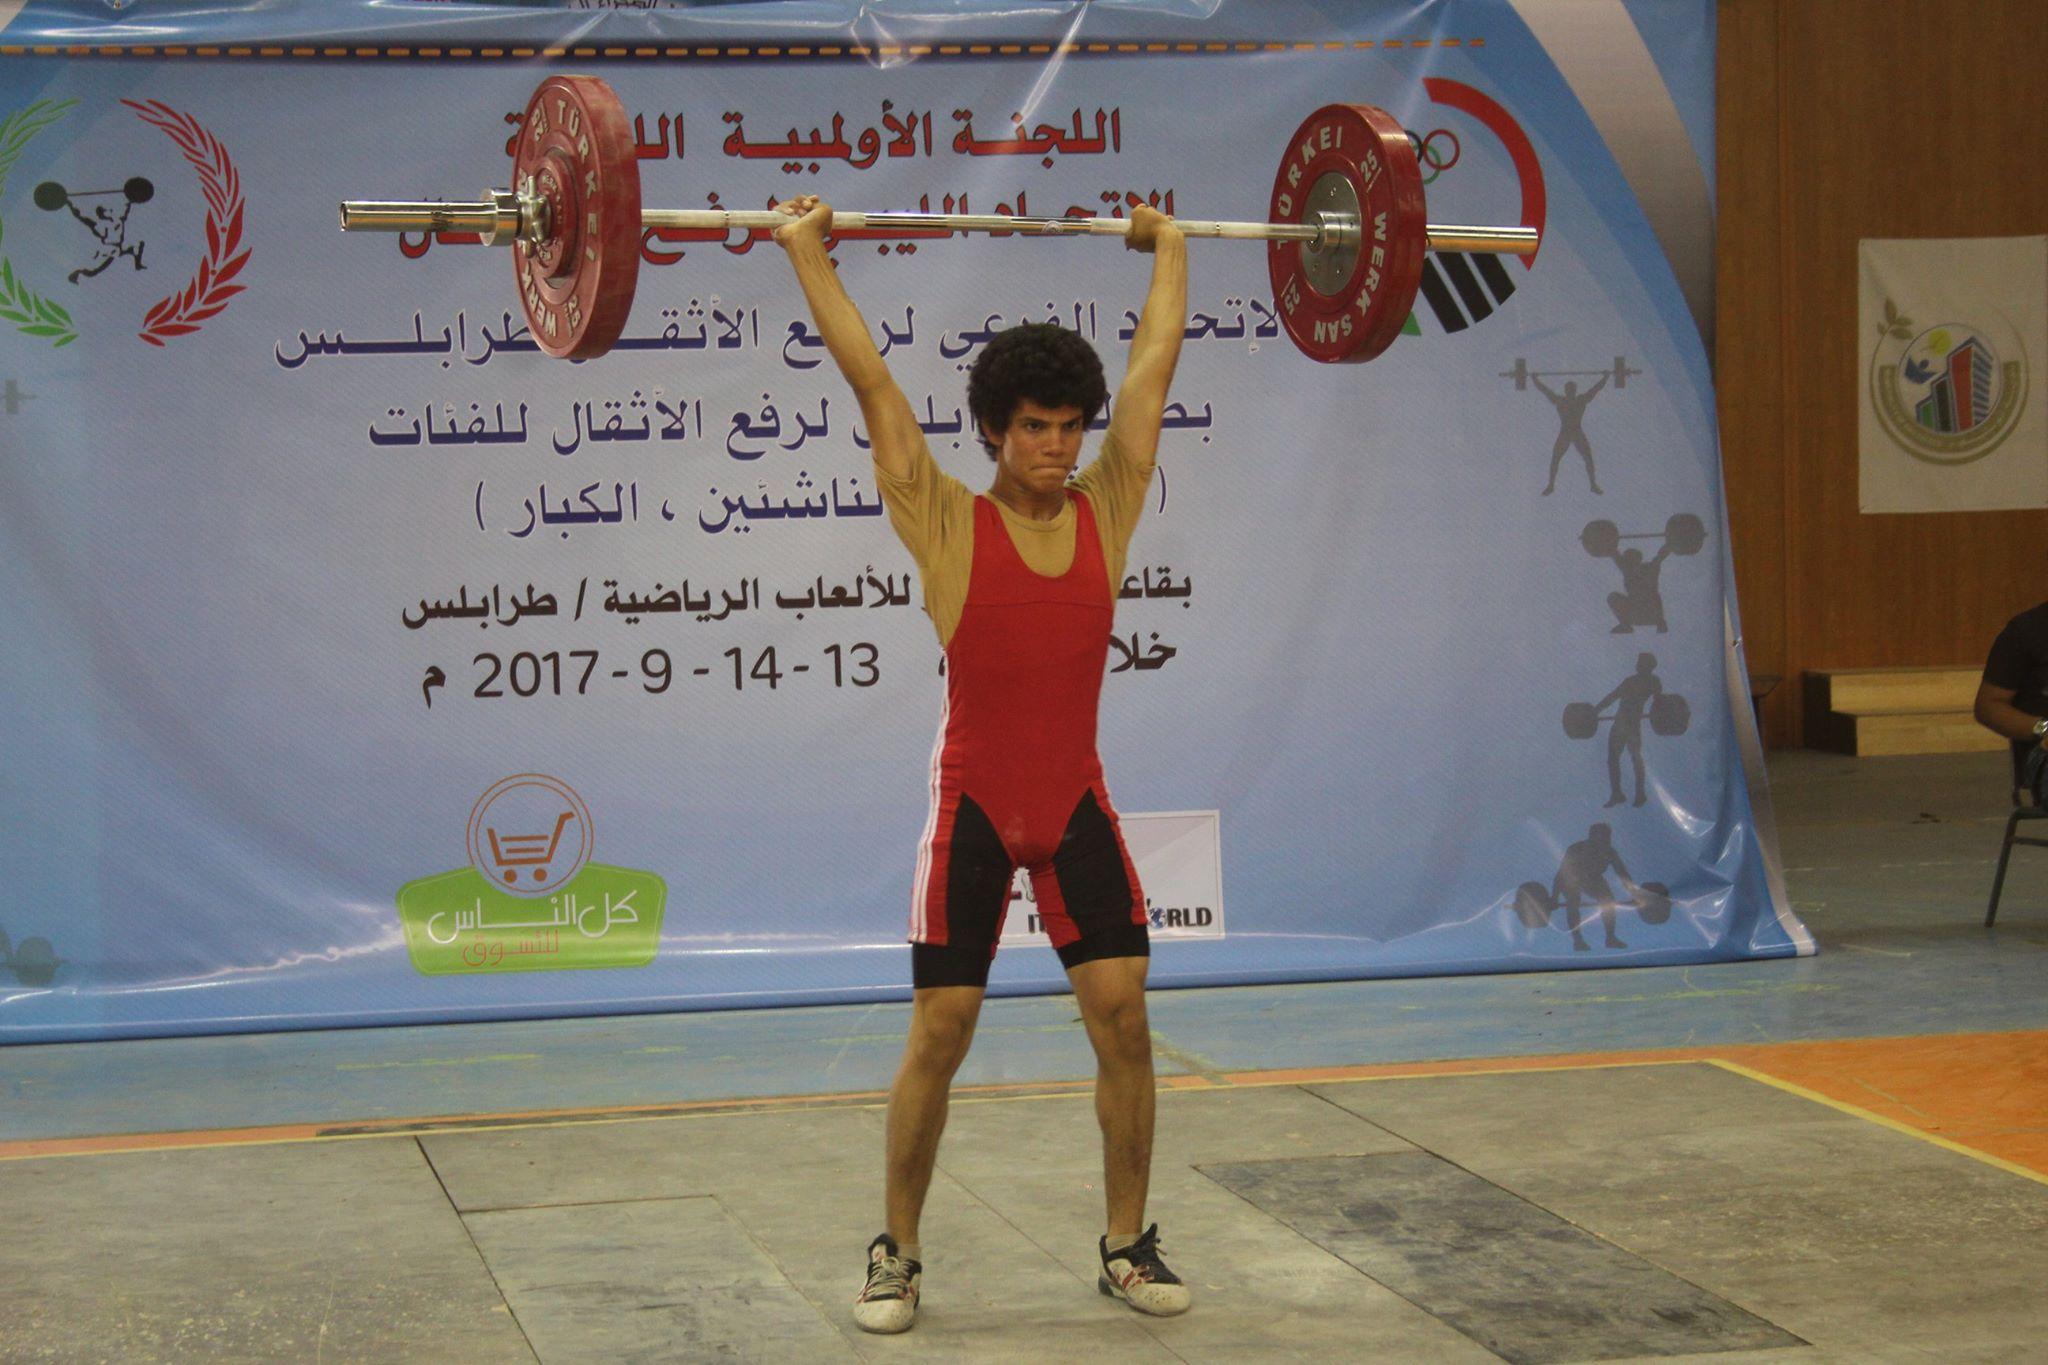 بطولة طرابلس لرفع الأثقال لفئات الشباب والناشئين والكبار